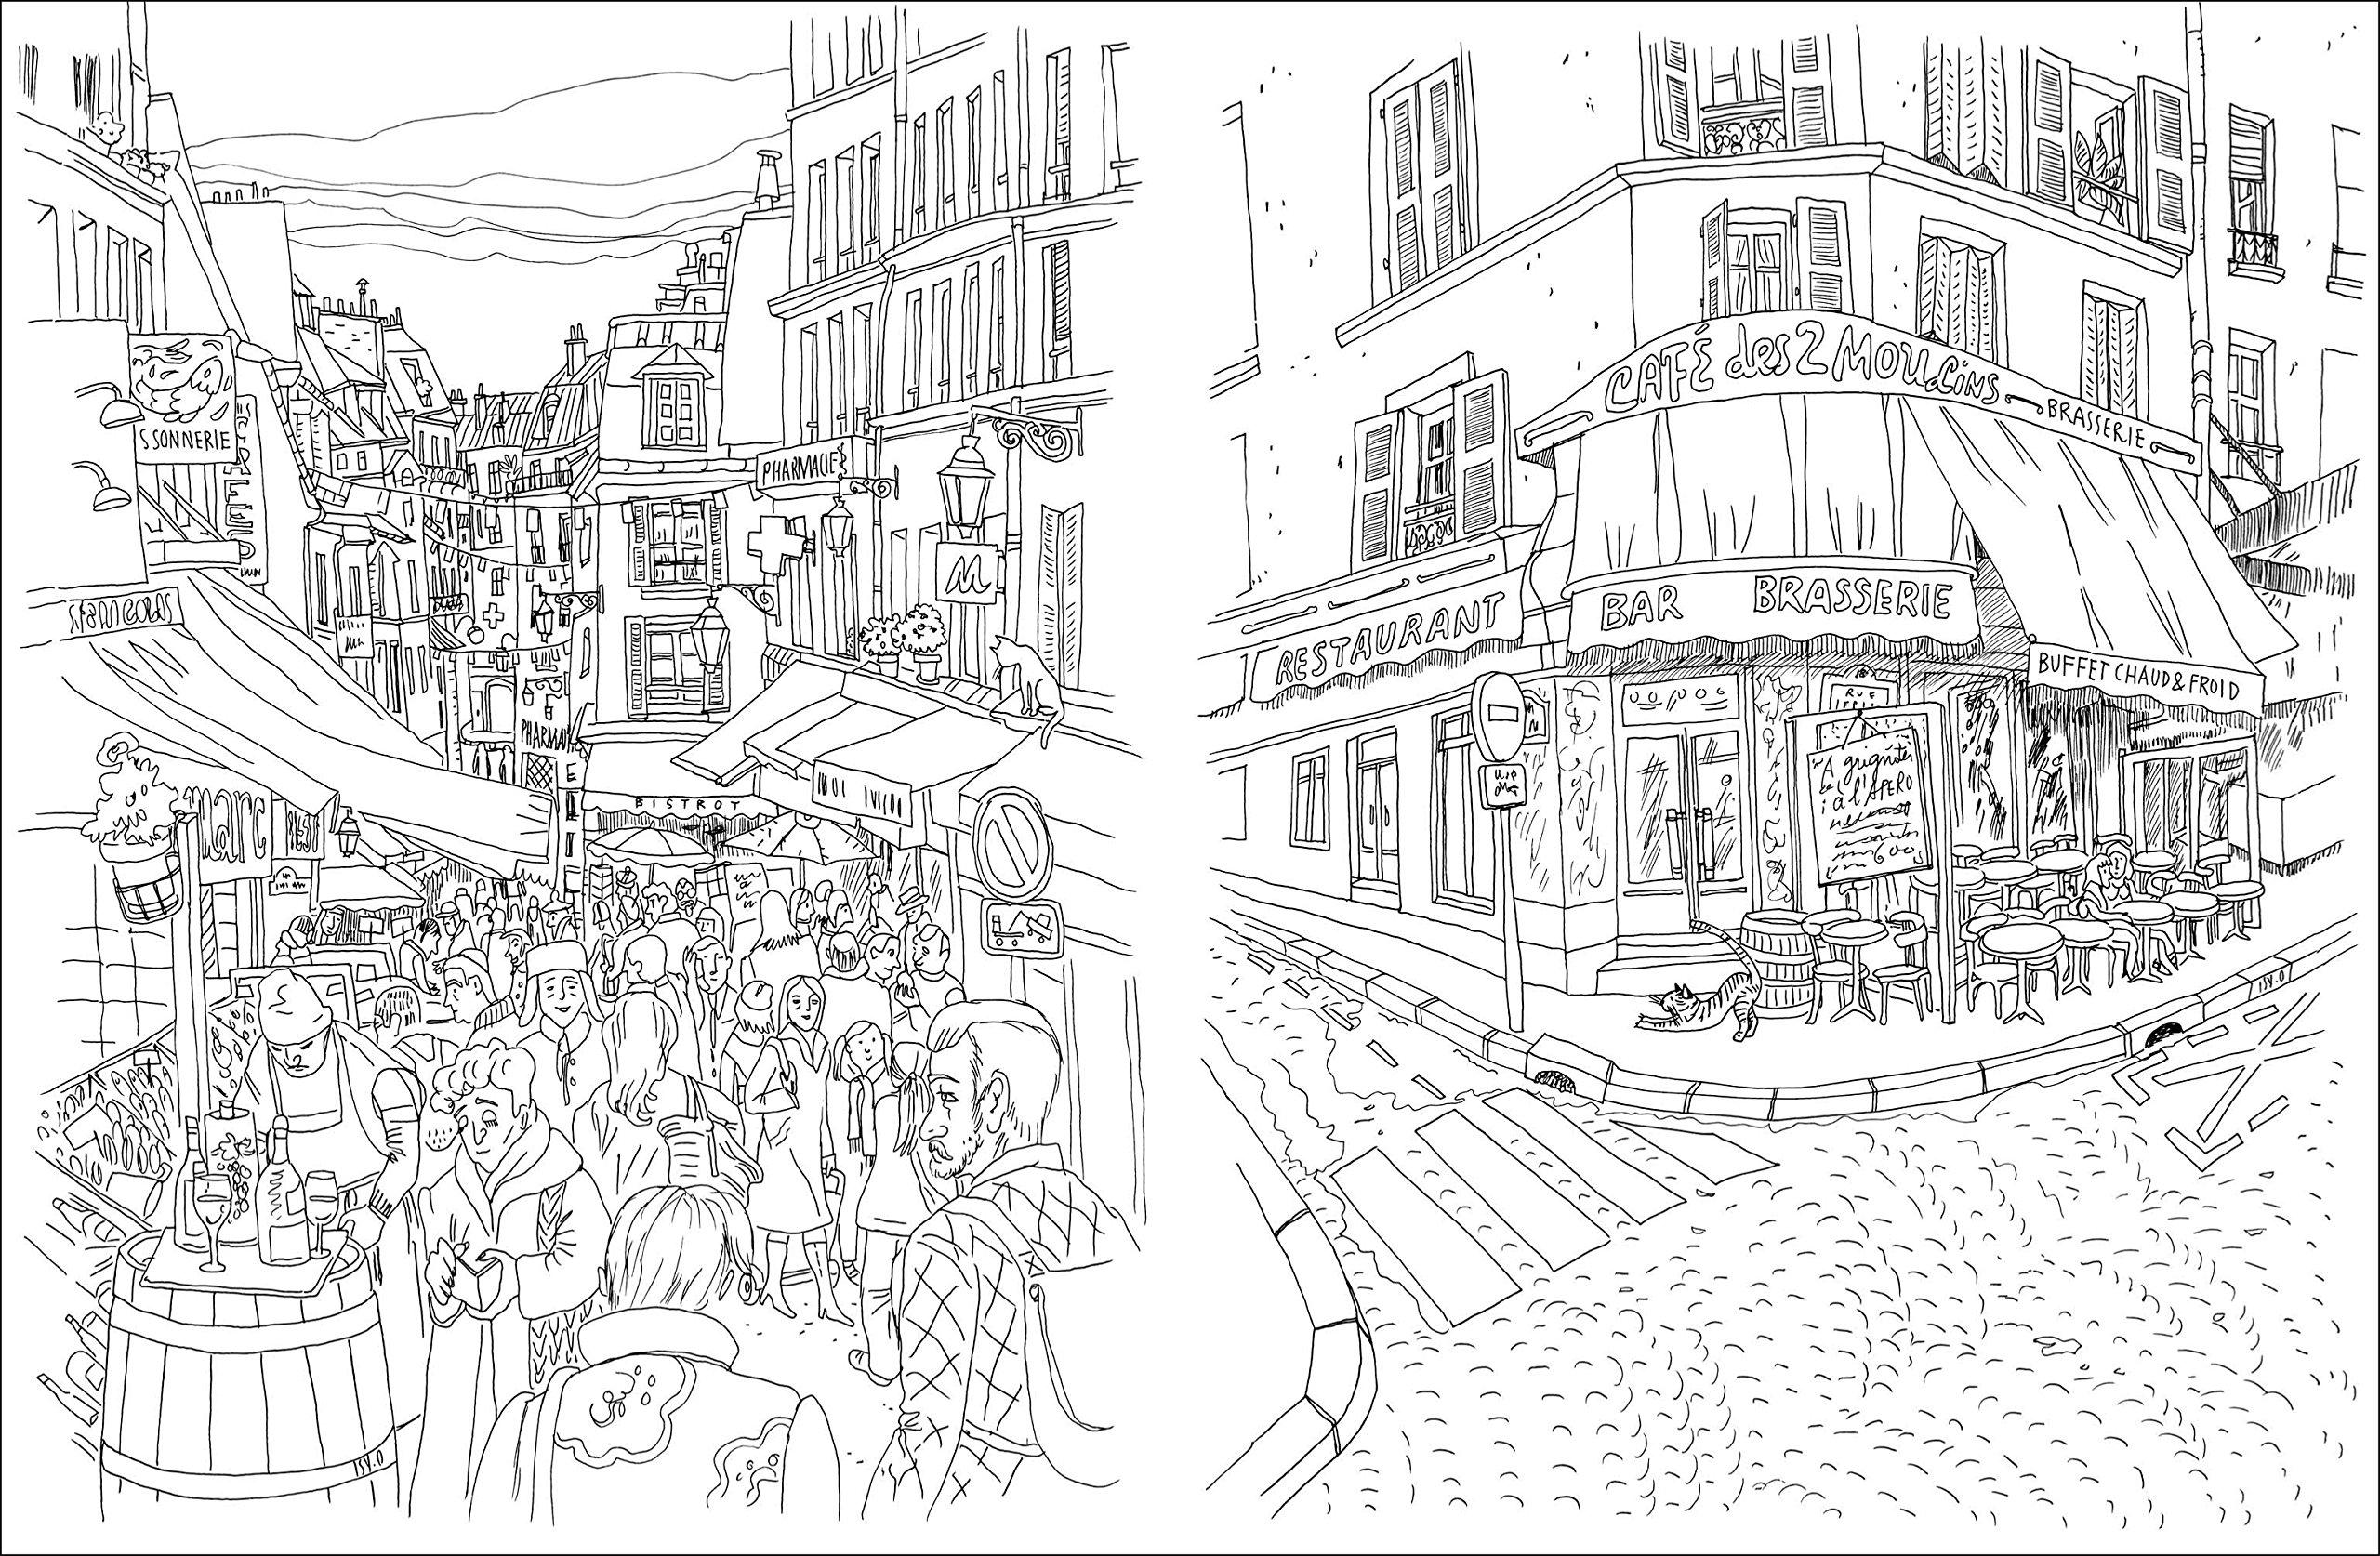 Nouveau dessin a colorier de foot barcelone - Coloriage grand format ...